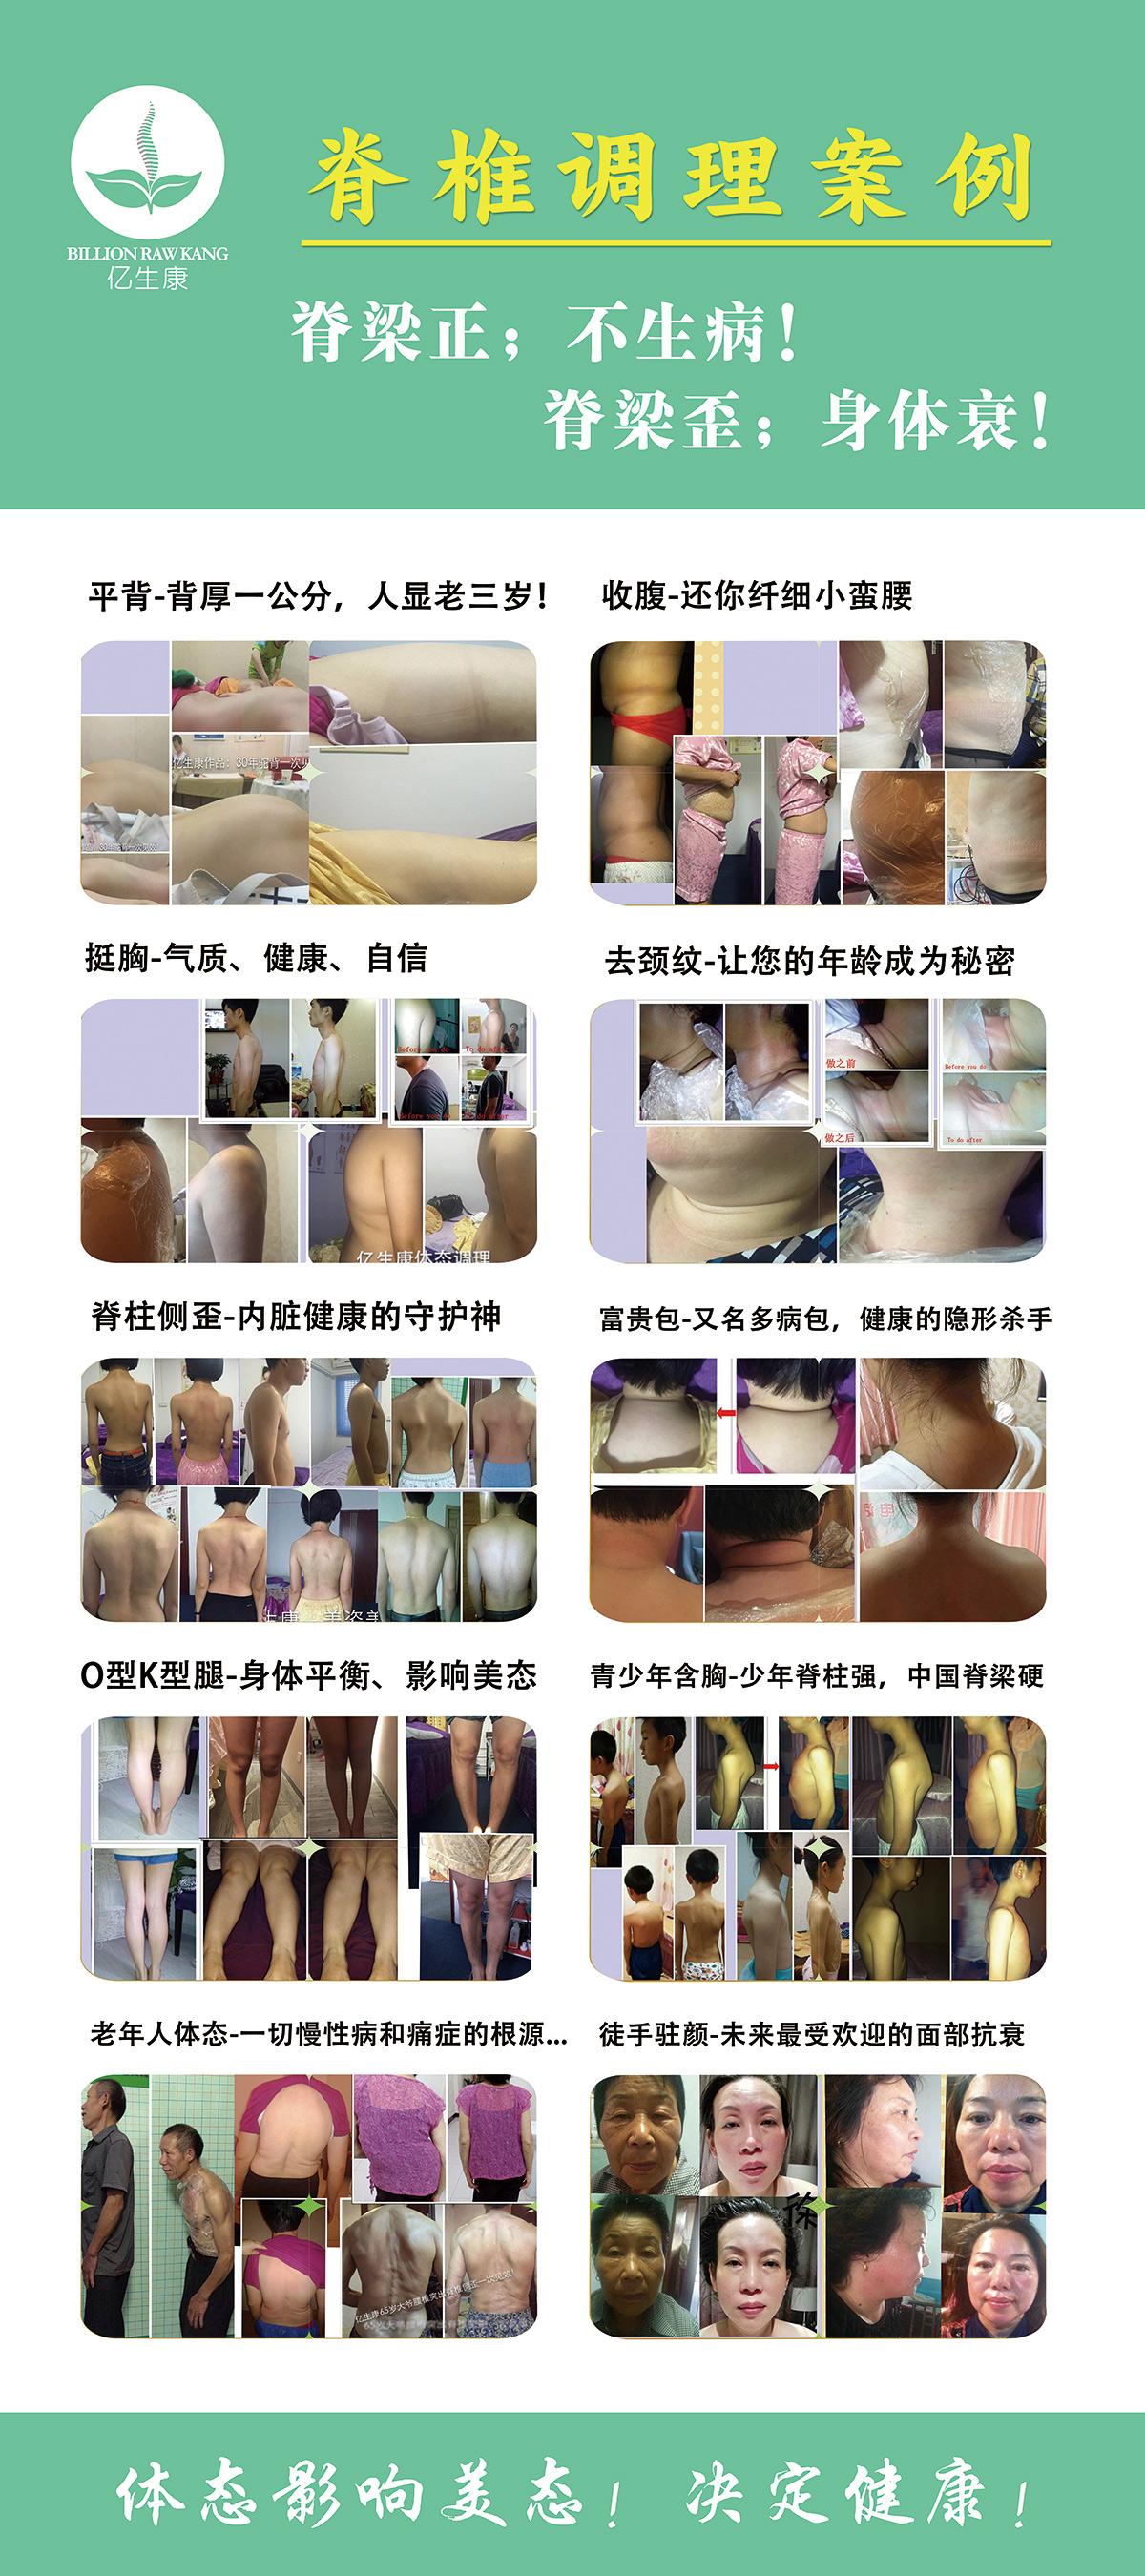 脊椎调理案例